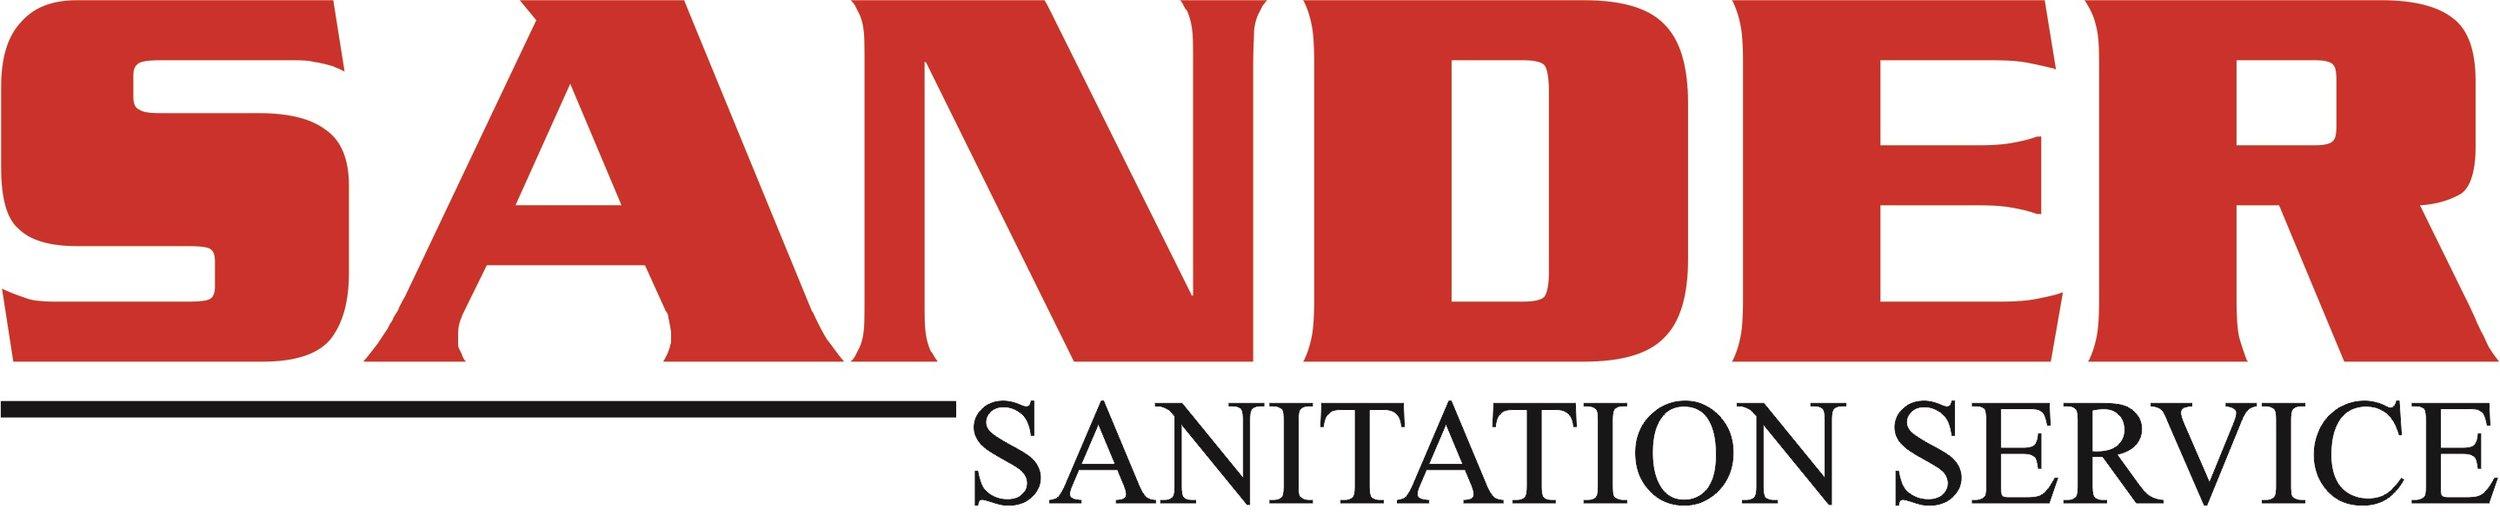 Sander Logo 3.5.jpg